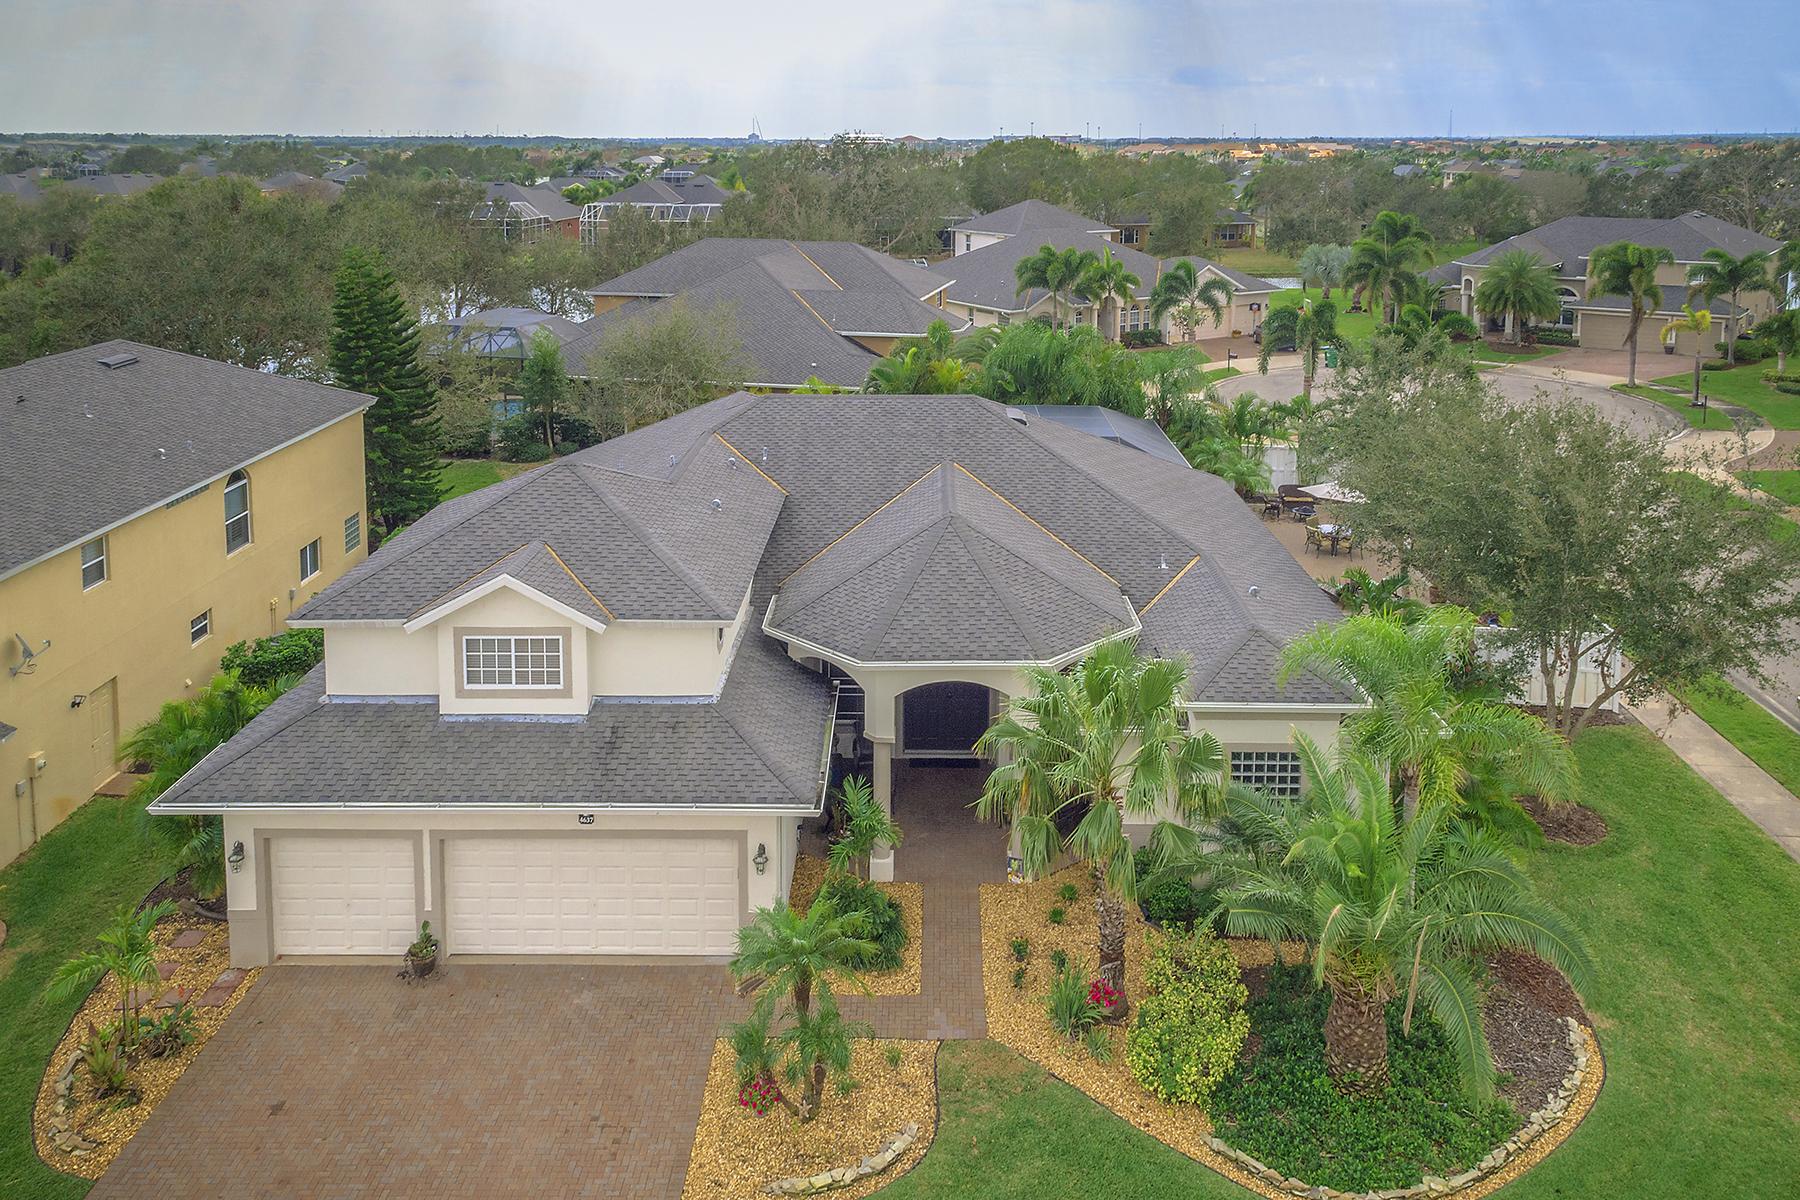 一戸建て のために 売買 アット ROCKLEDGE 4637 Merlot Dr Rockledge, フロリダ, 32955 アメリカ合衆国